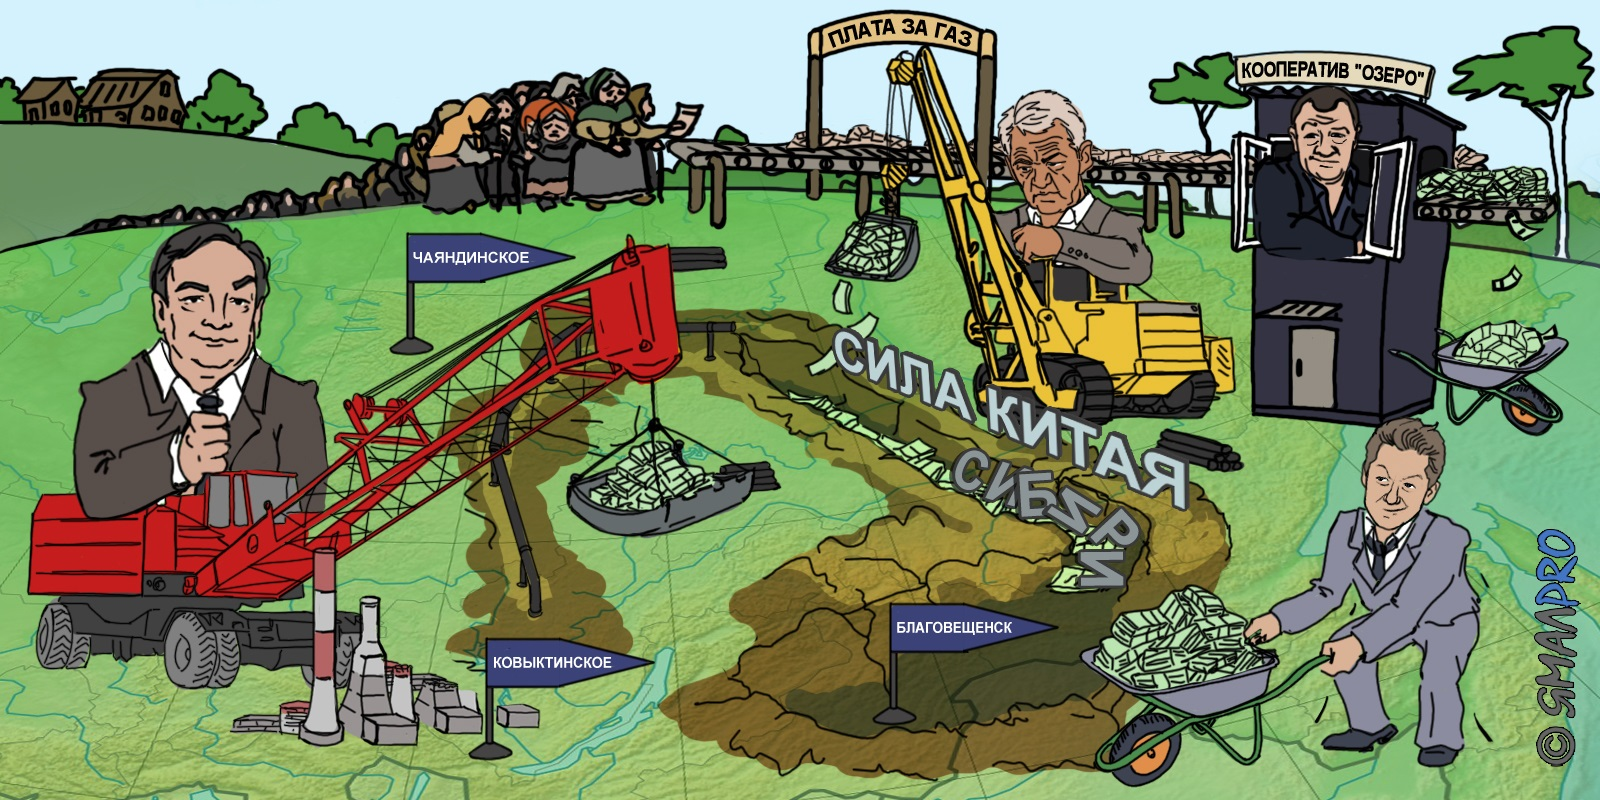 Газпром, Чаянда, проблемы, скандал, Миллер, Крутиков, Игорь, Владимирович, неэффективность, добыча, Ноябрьск, Китай, Чаяндинское, месторождение, сила, сибири